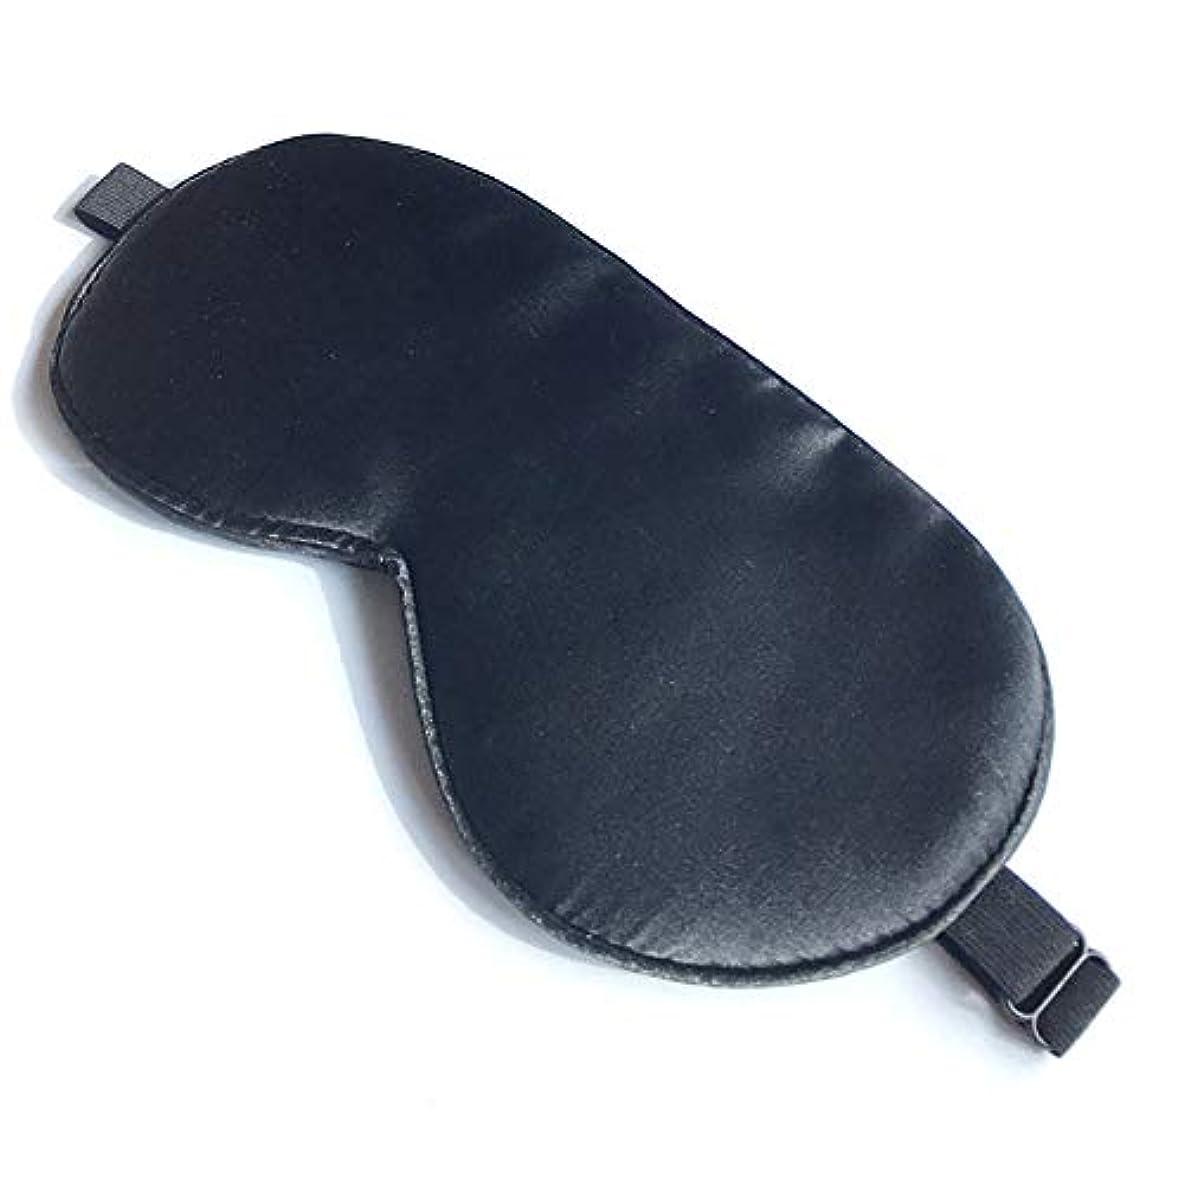 スライムカカドゥ操縦するシルクアイマスクスリープアイマスク腫れ素晴らしいの黒睡眠のためのすべての黒